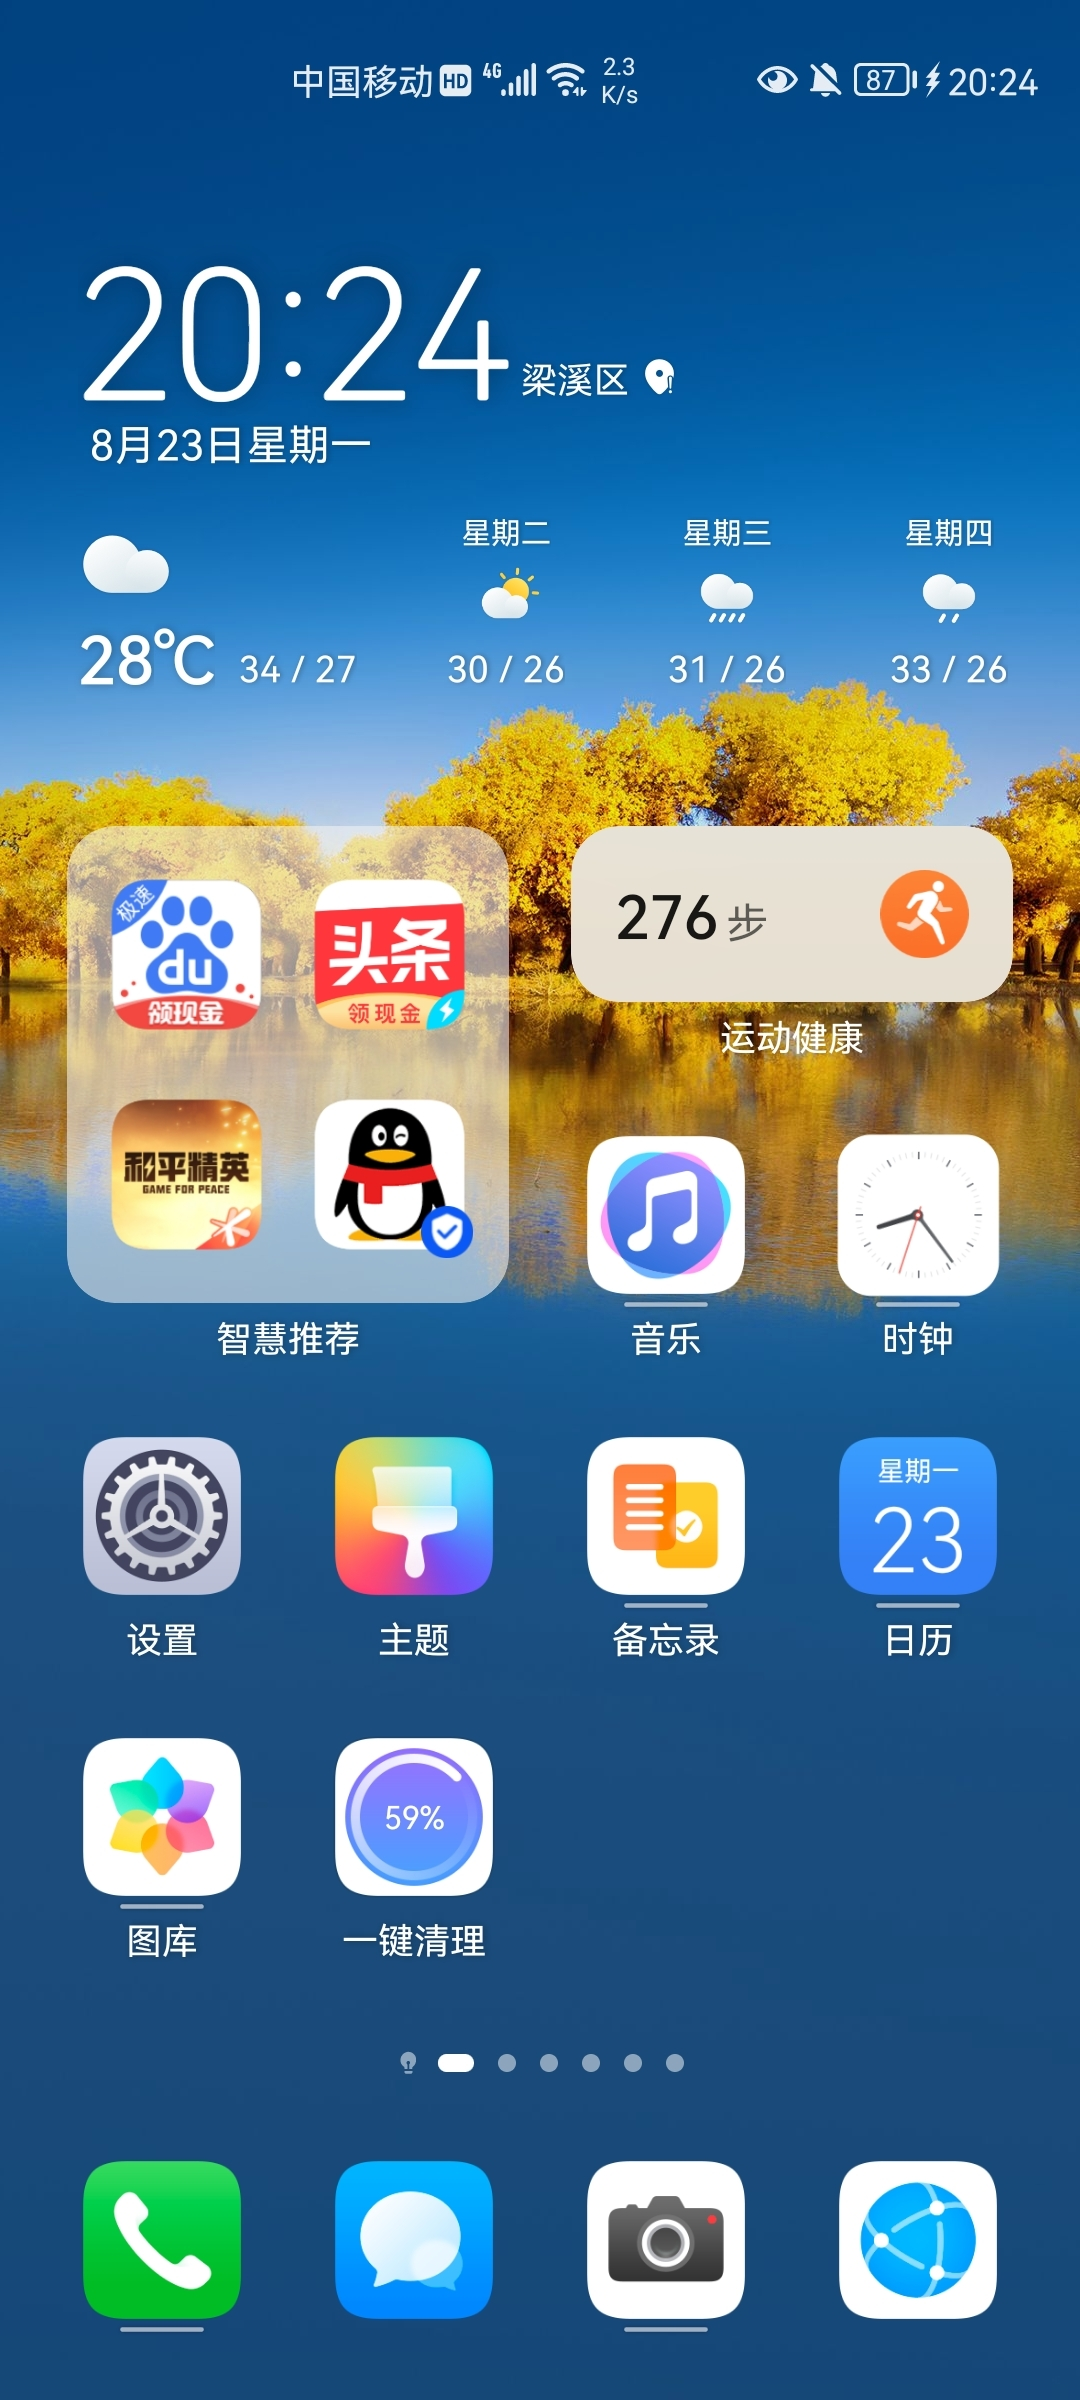 Screenshot_20210823_202434_com.huawei.android.launcher.jpg